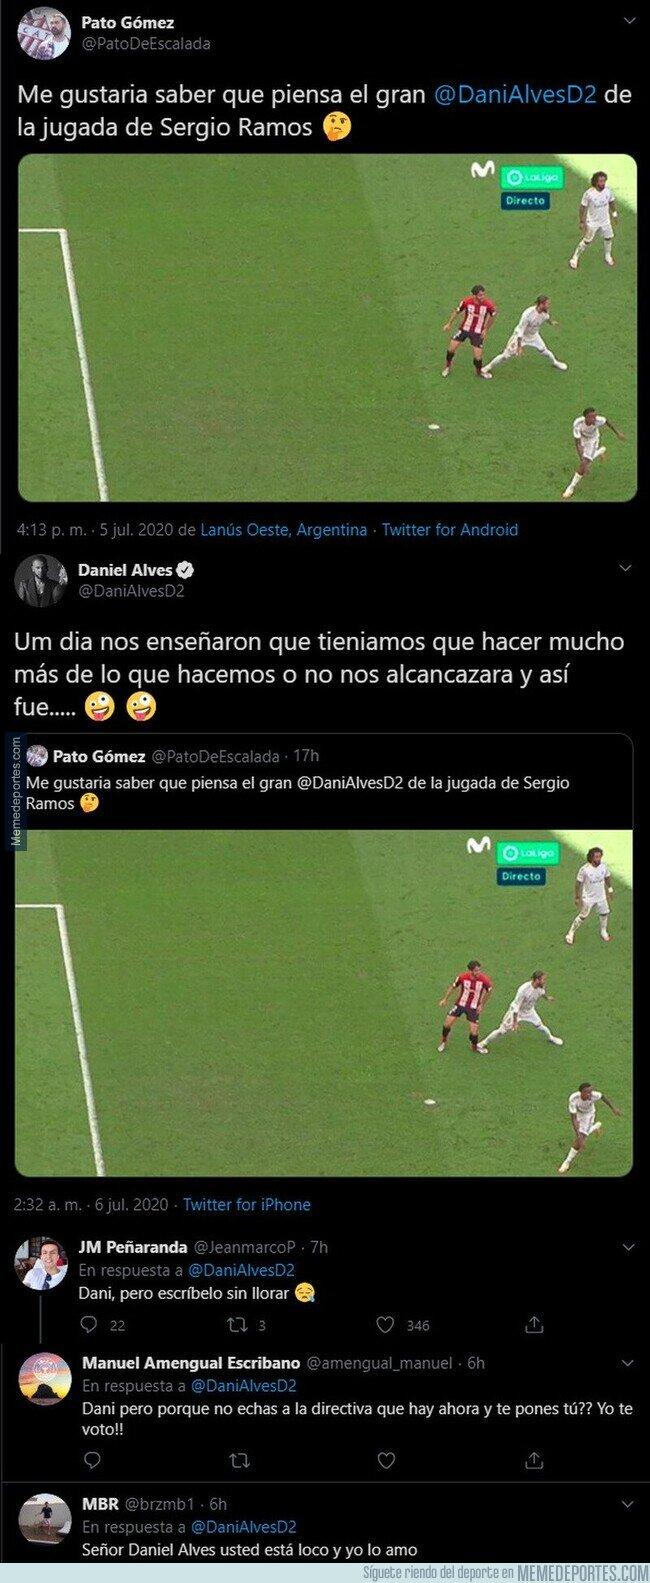 1108671 - Dani Alves no se corta un pelo y raja contra el penalti no señalado de Ramos por pisotón